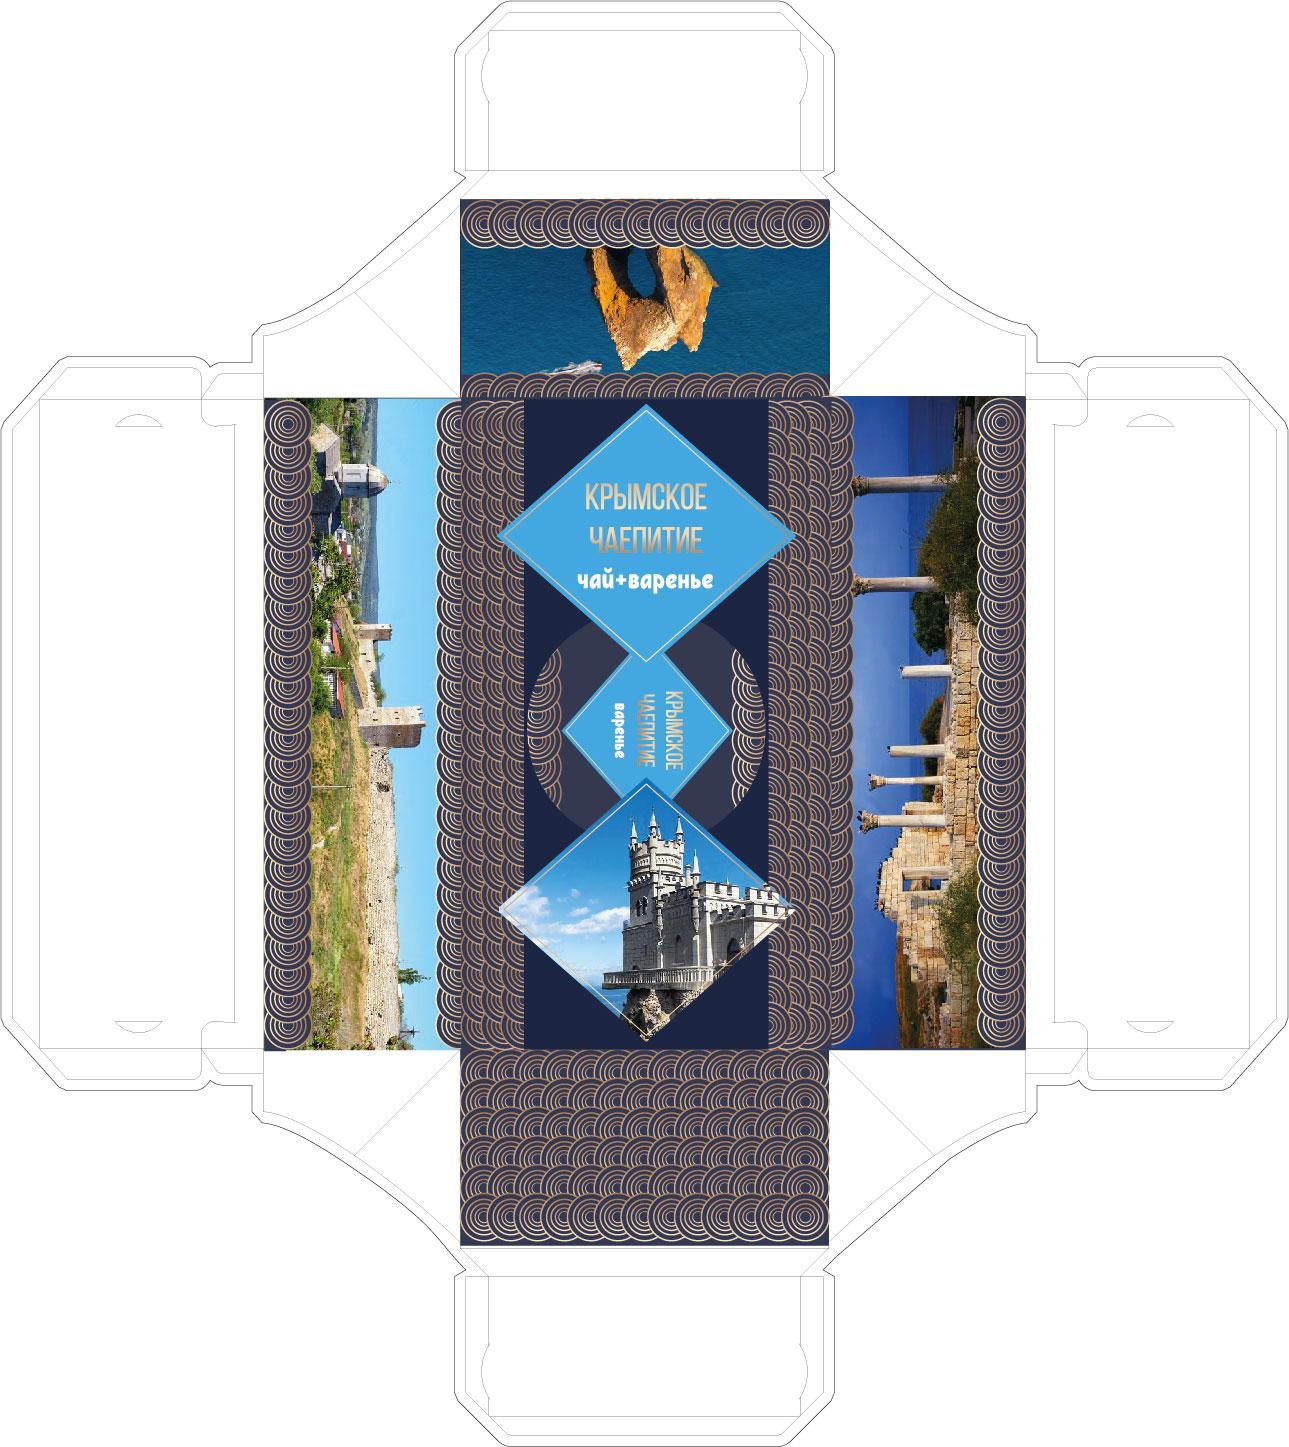 Дизайн подарочной-сувенирной коробки: с чаем и варением фото f_9595a53b911ba3d7.jpg